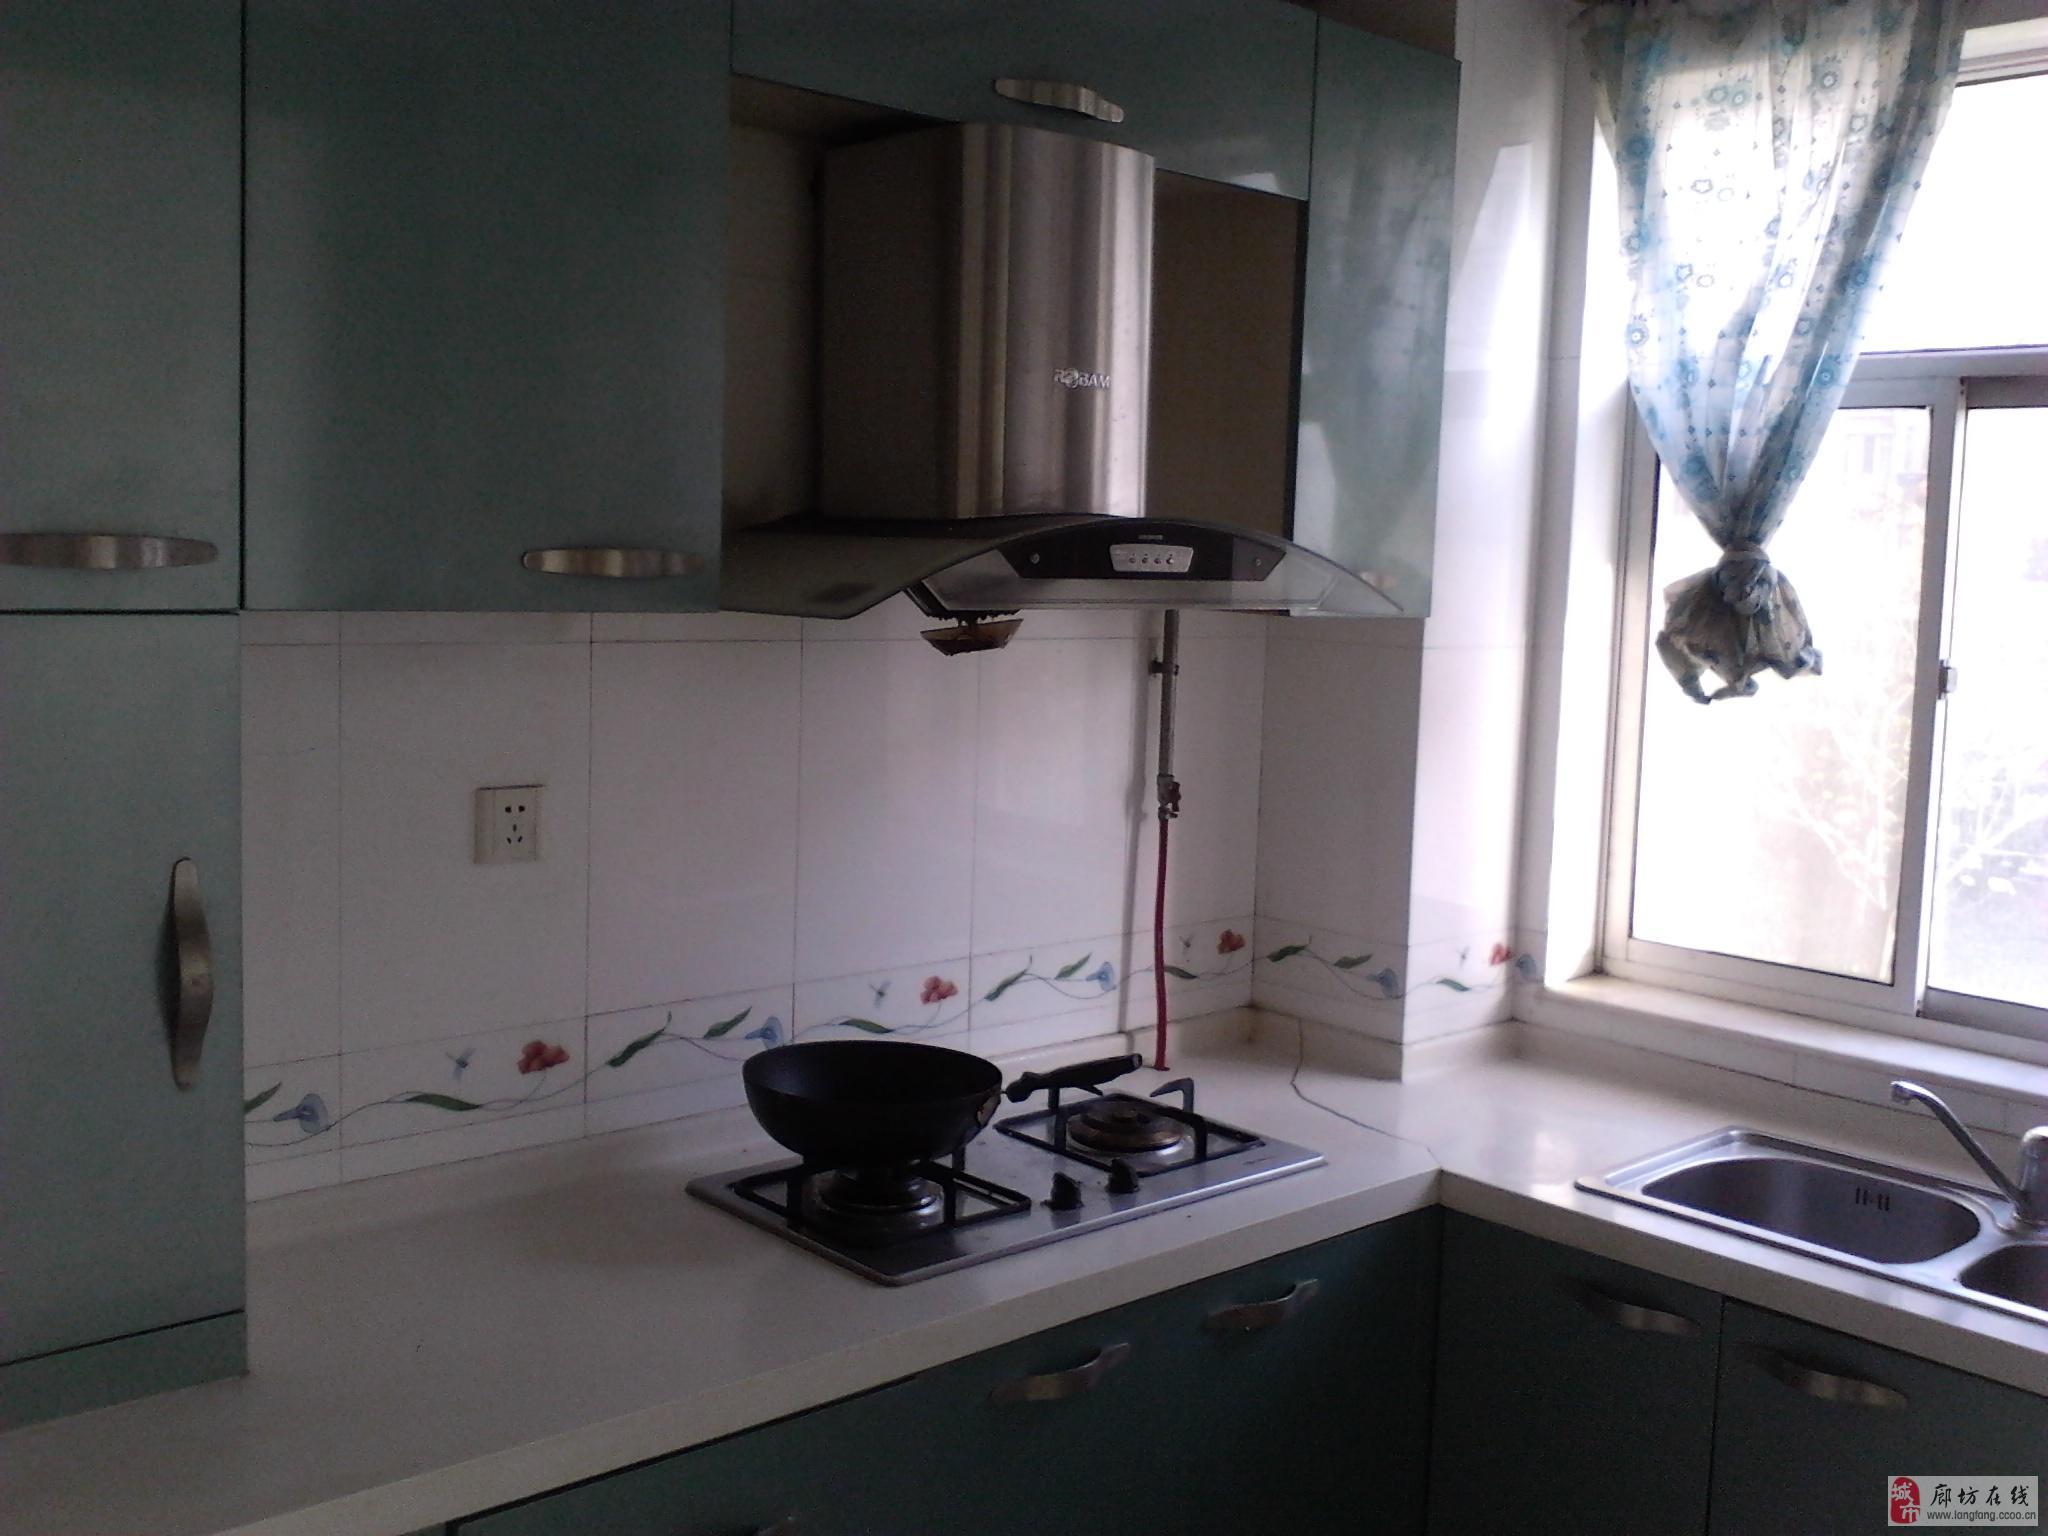 长沙出租房装修|全包100平米三室两厅一卫简单装修钱